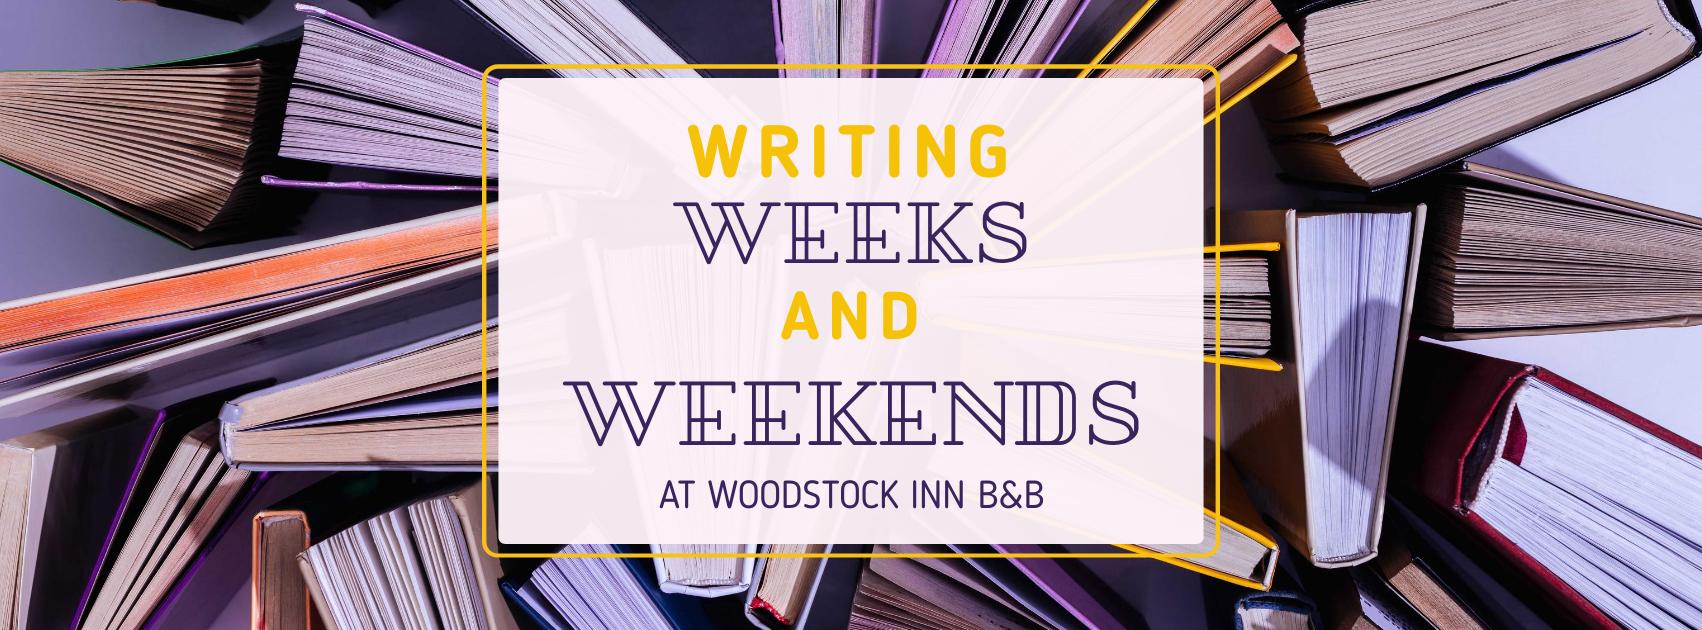 WI-writing-weeks-weekends-banner